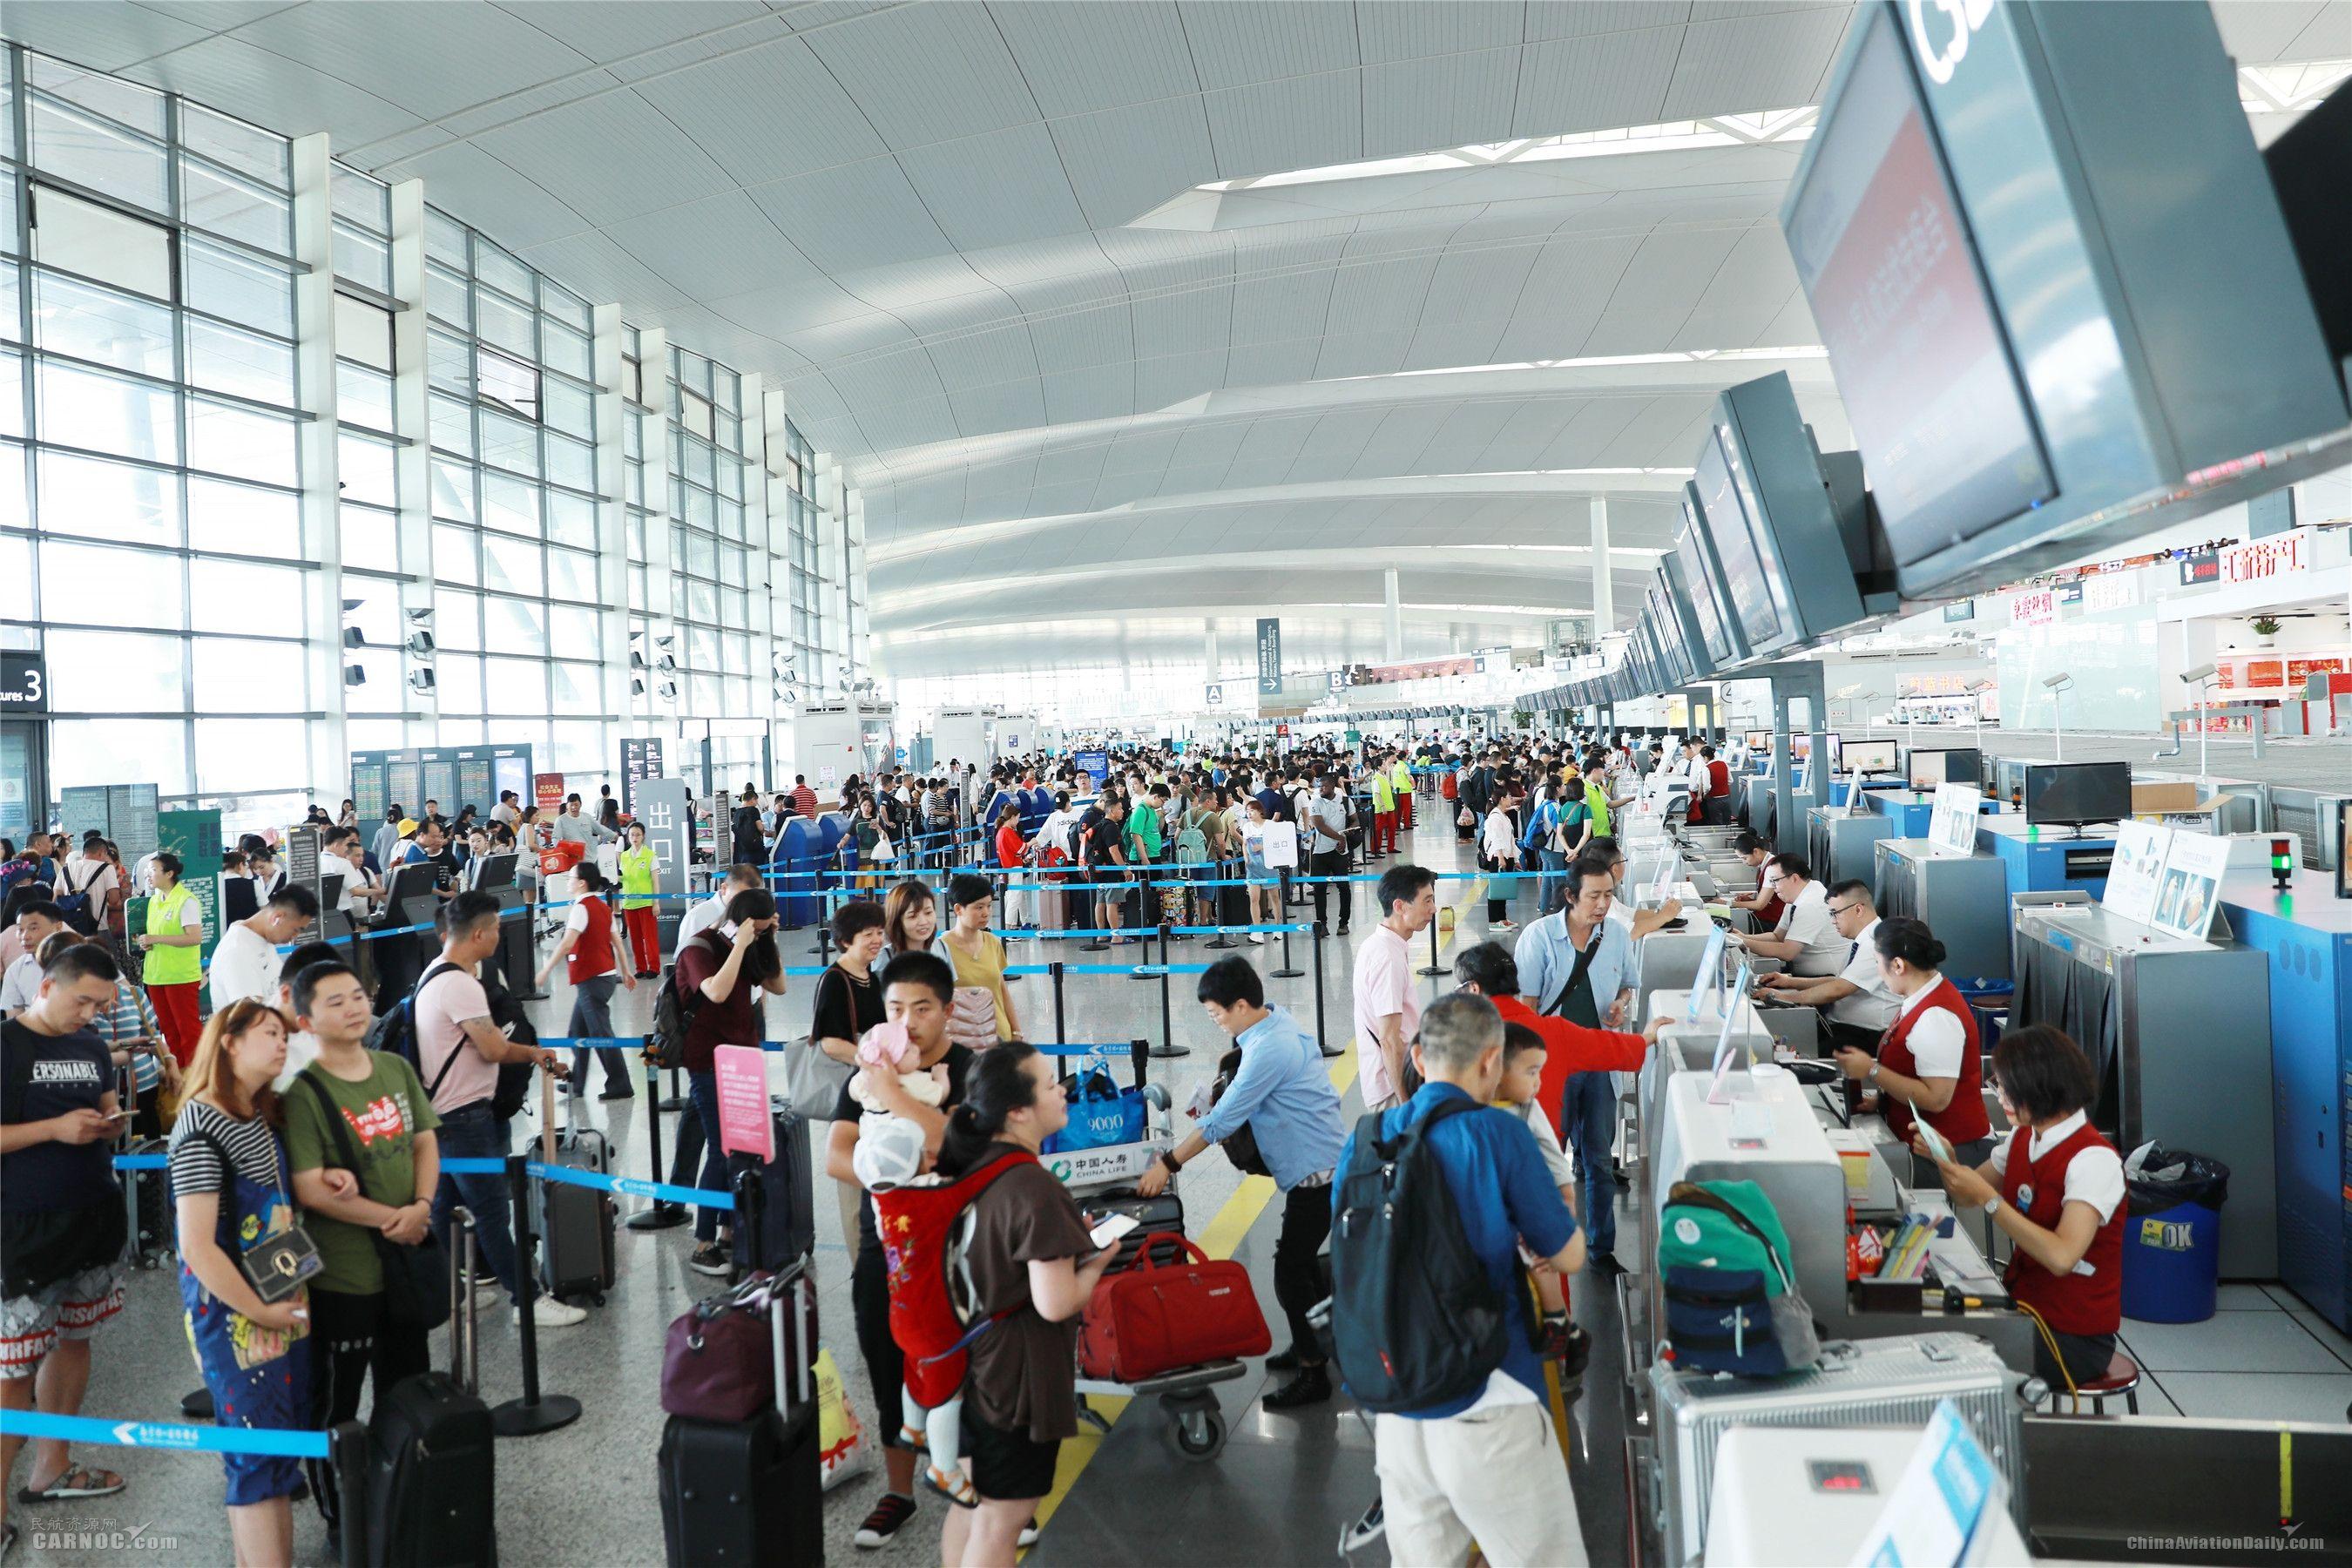 出行热情与温度齐涨  南京机场渐入暑运高峰